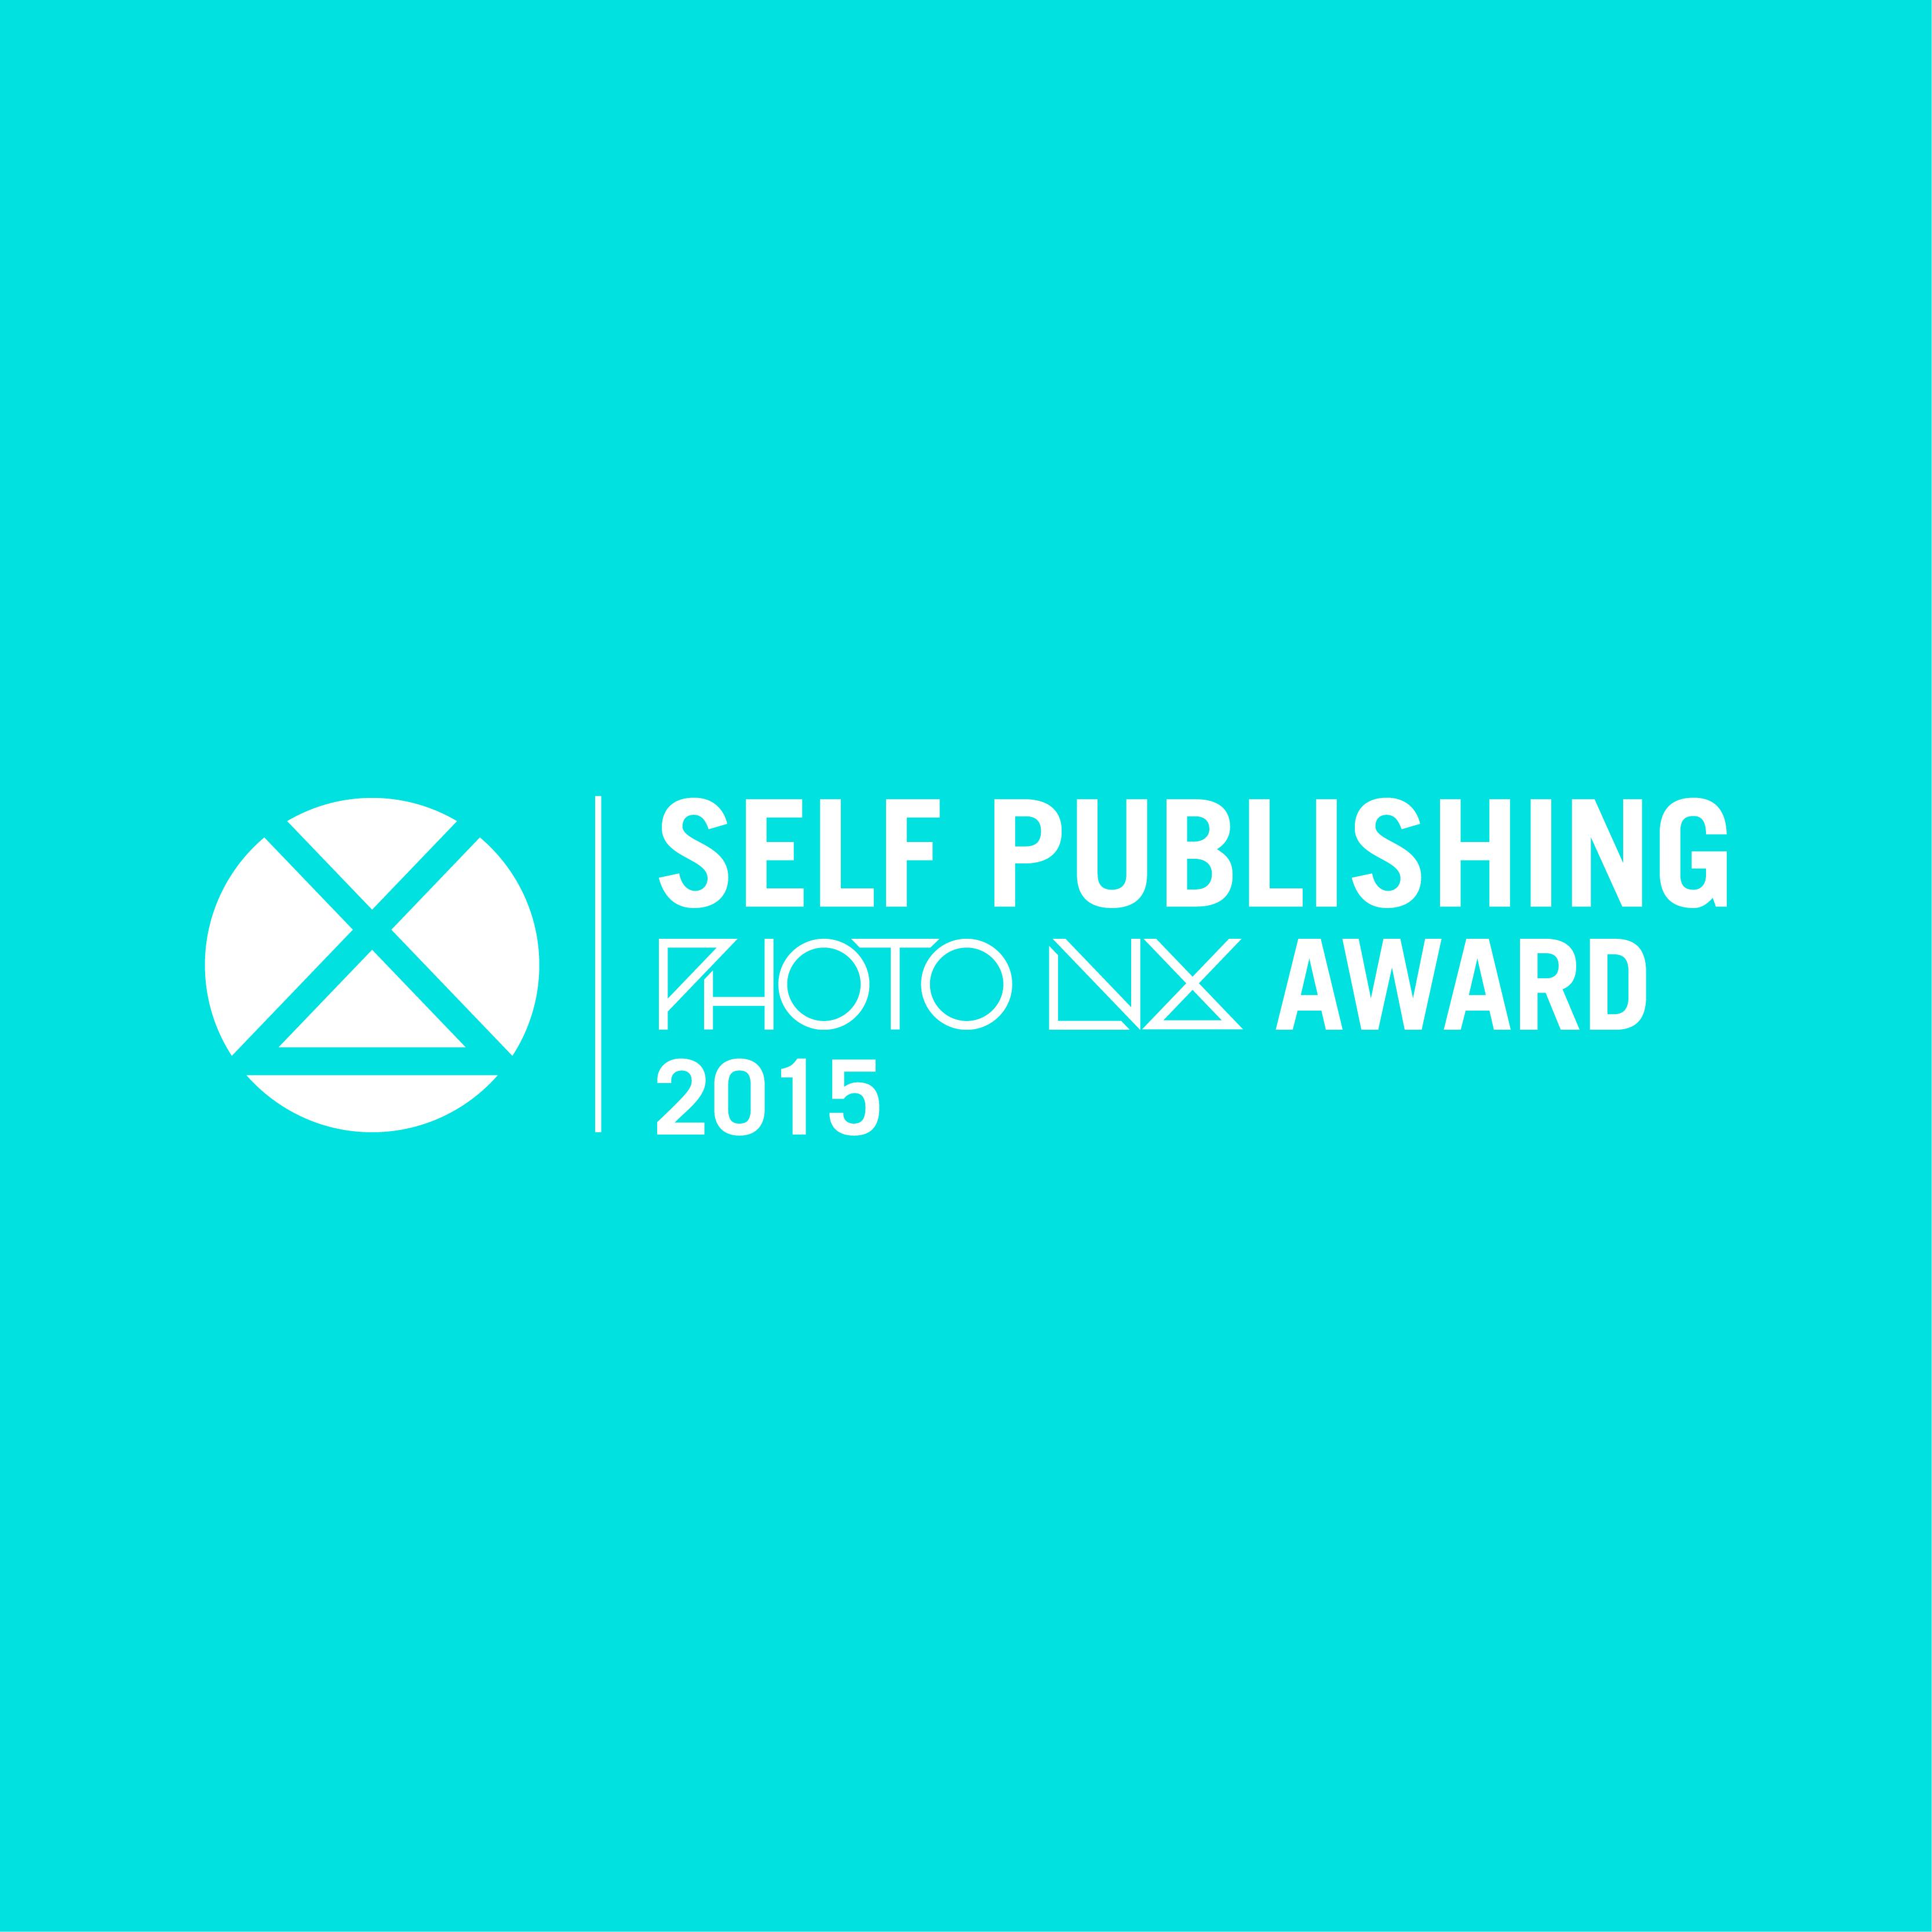 Self Publishing PHOTOLUX Award